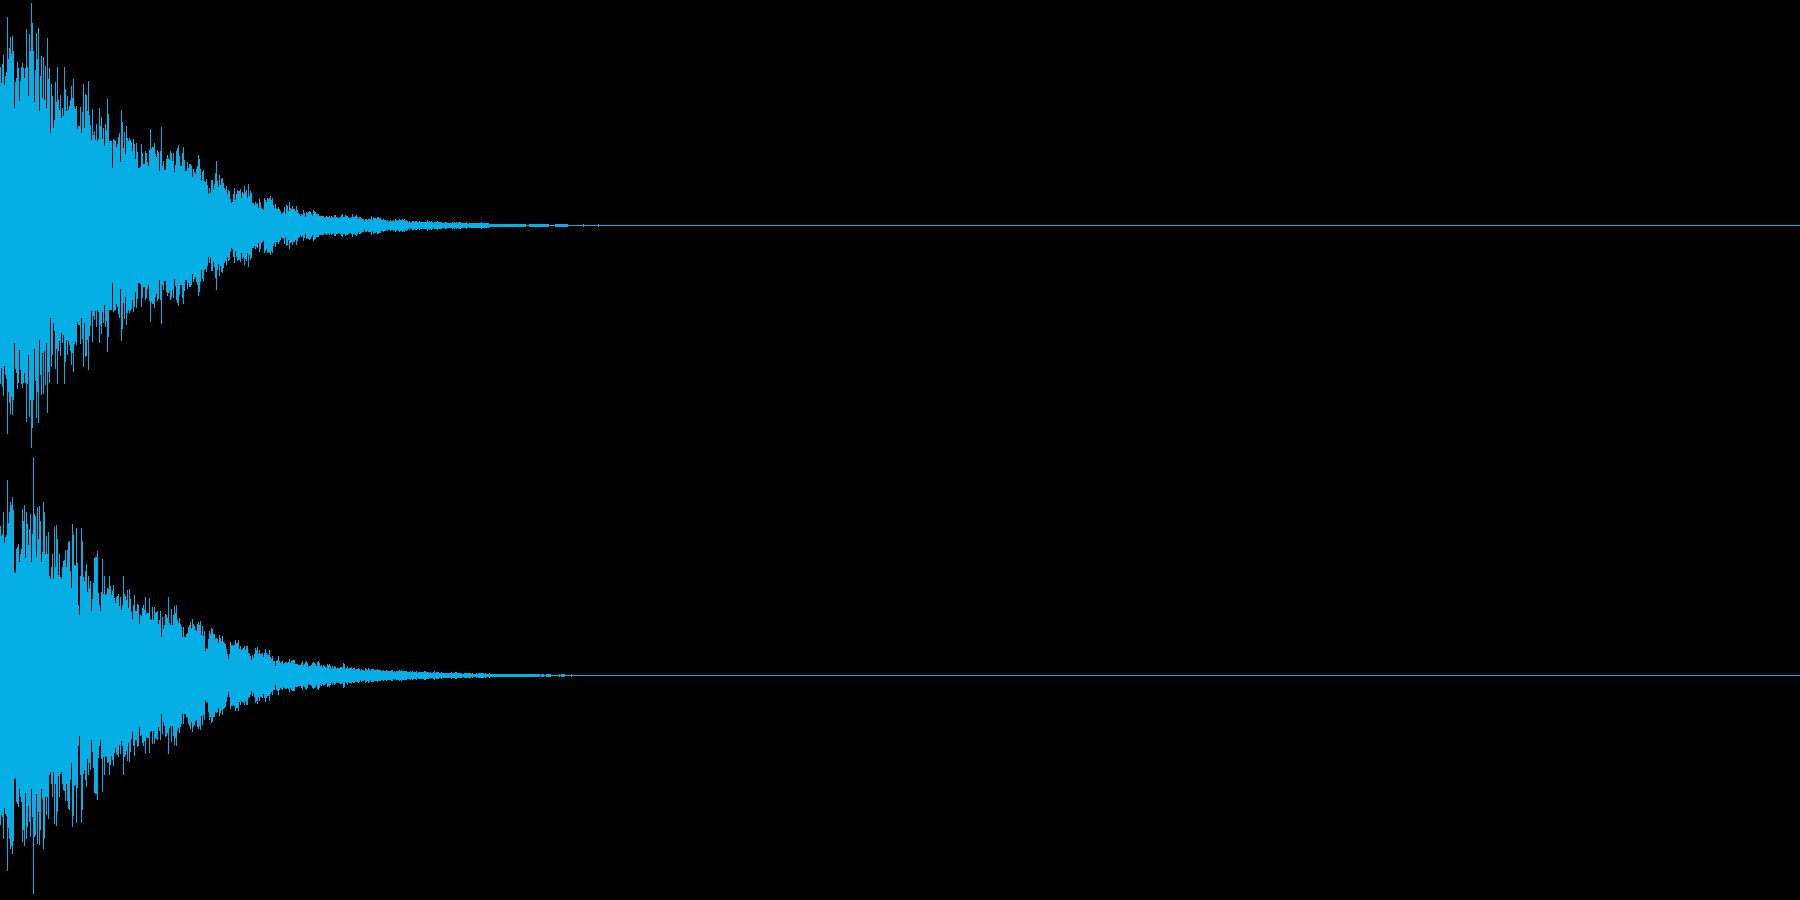 刀 剣 カキーン シャキーン 目立つ08の再生済みの波形